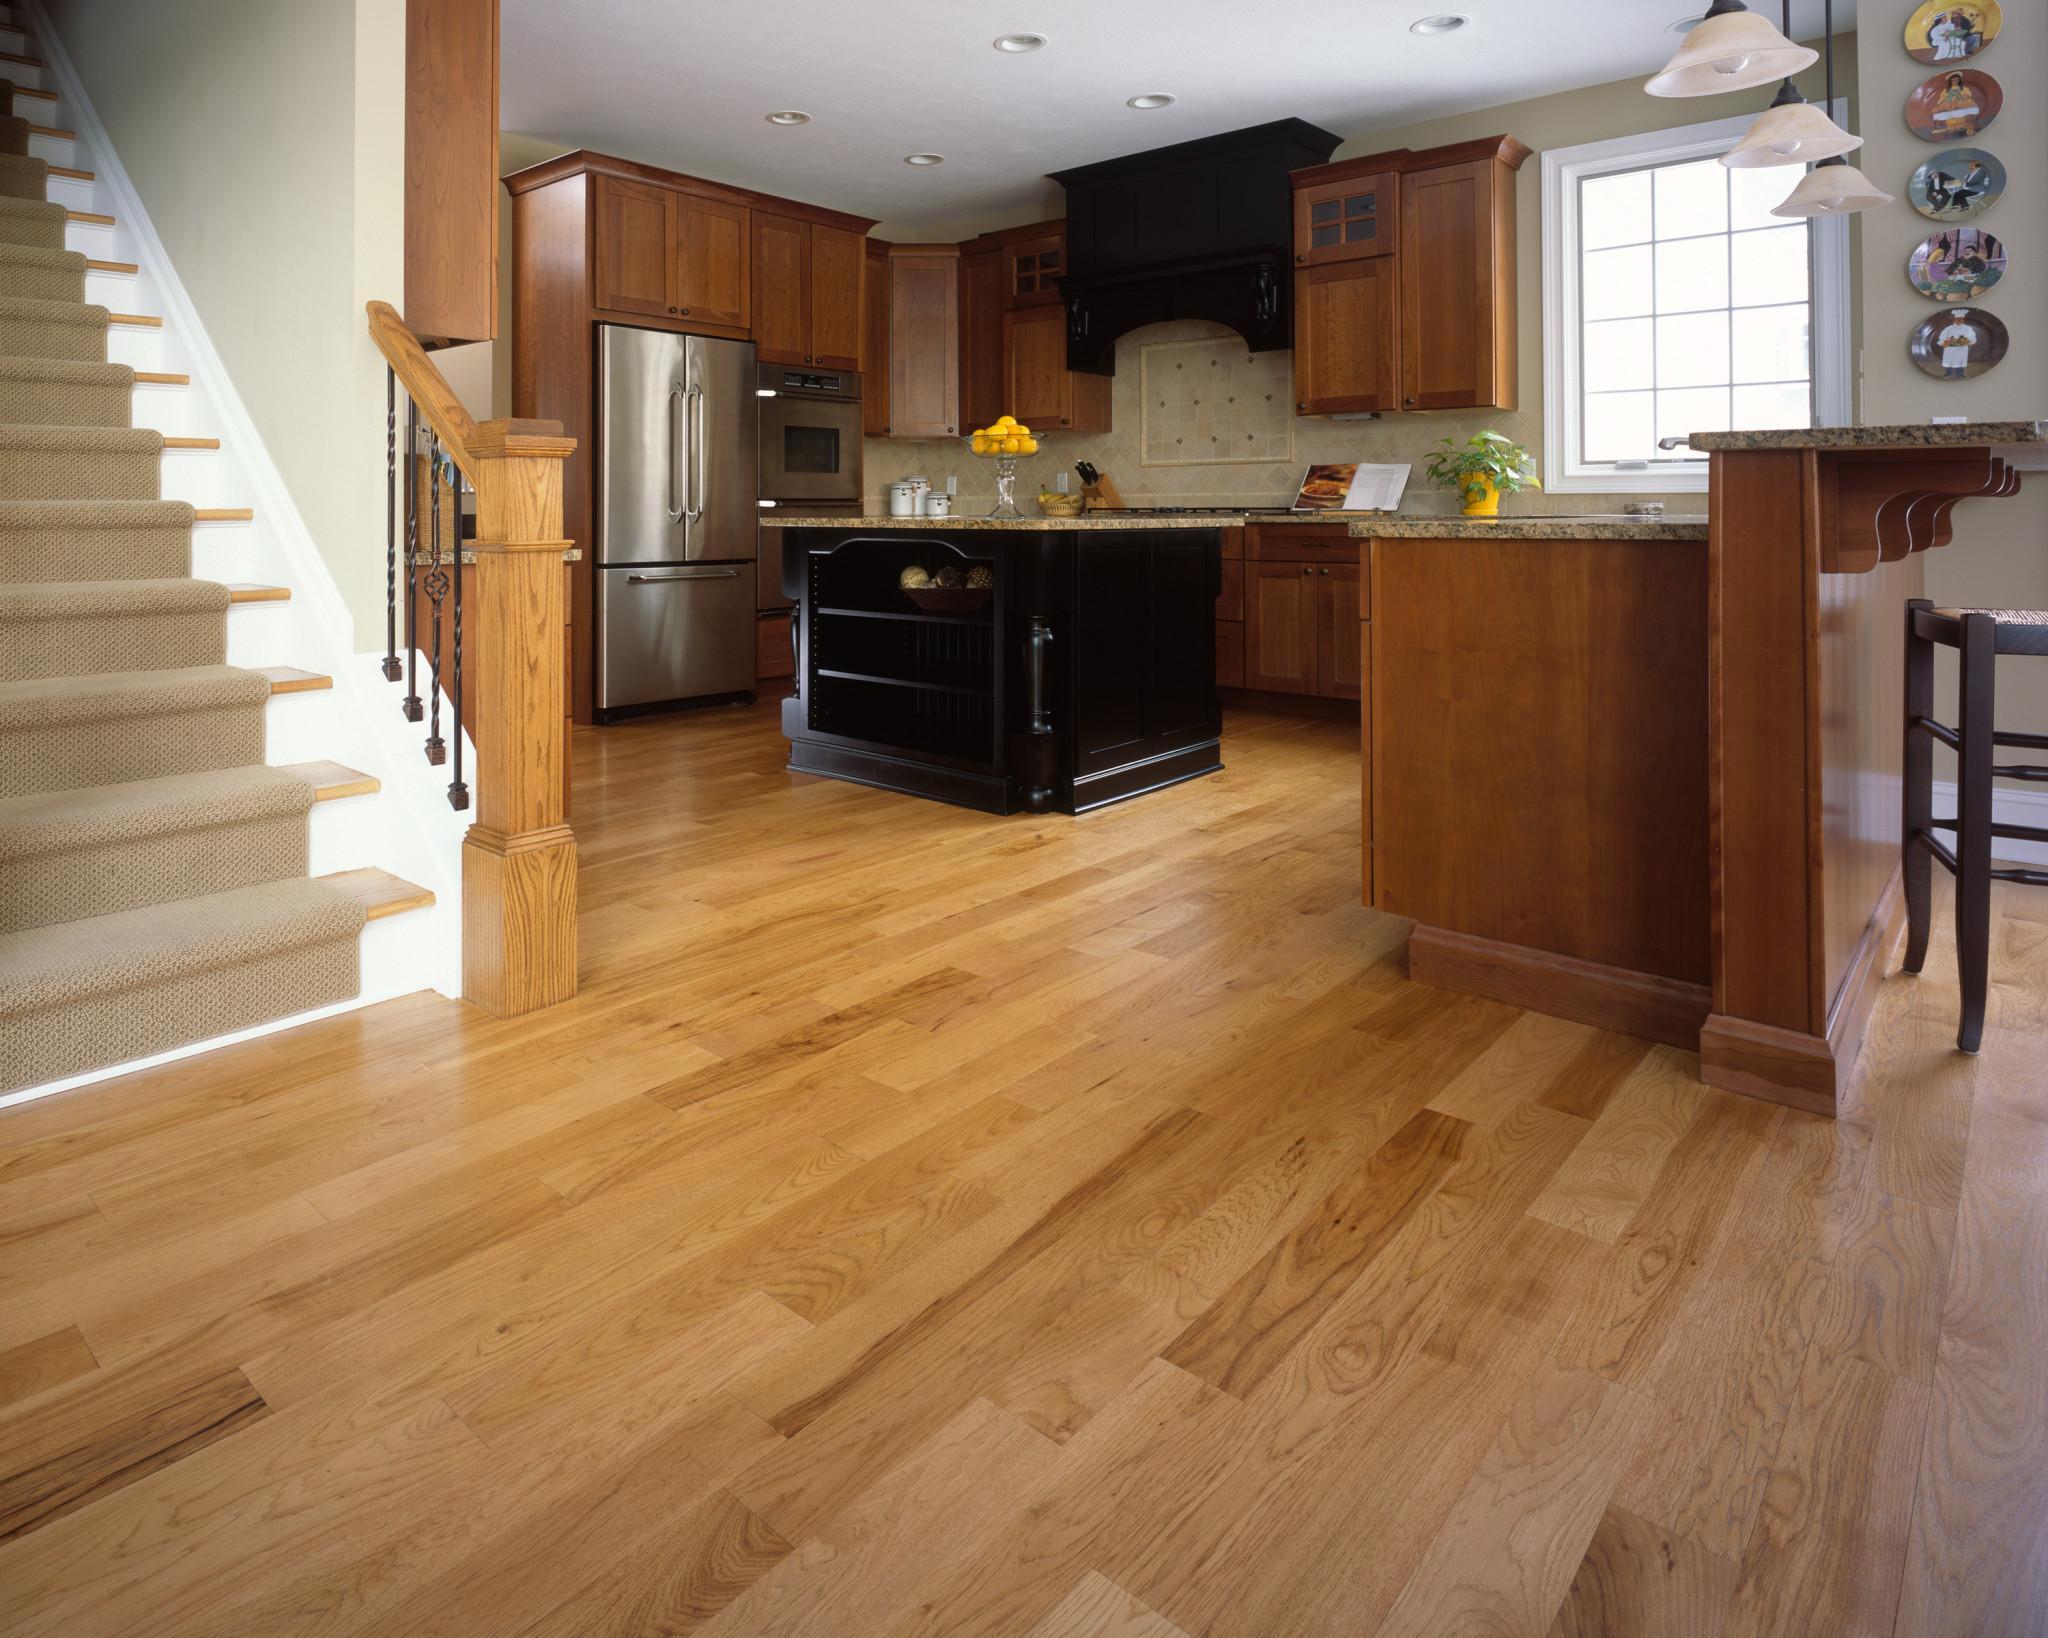 Wood Floors Tile Linoleum